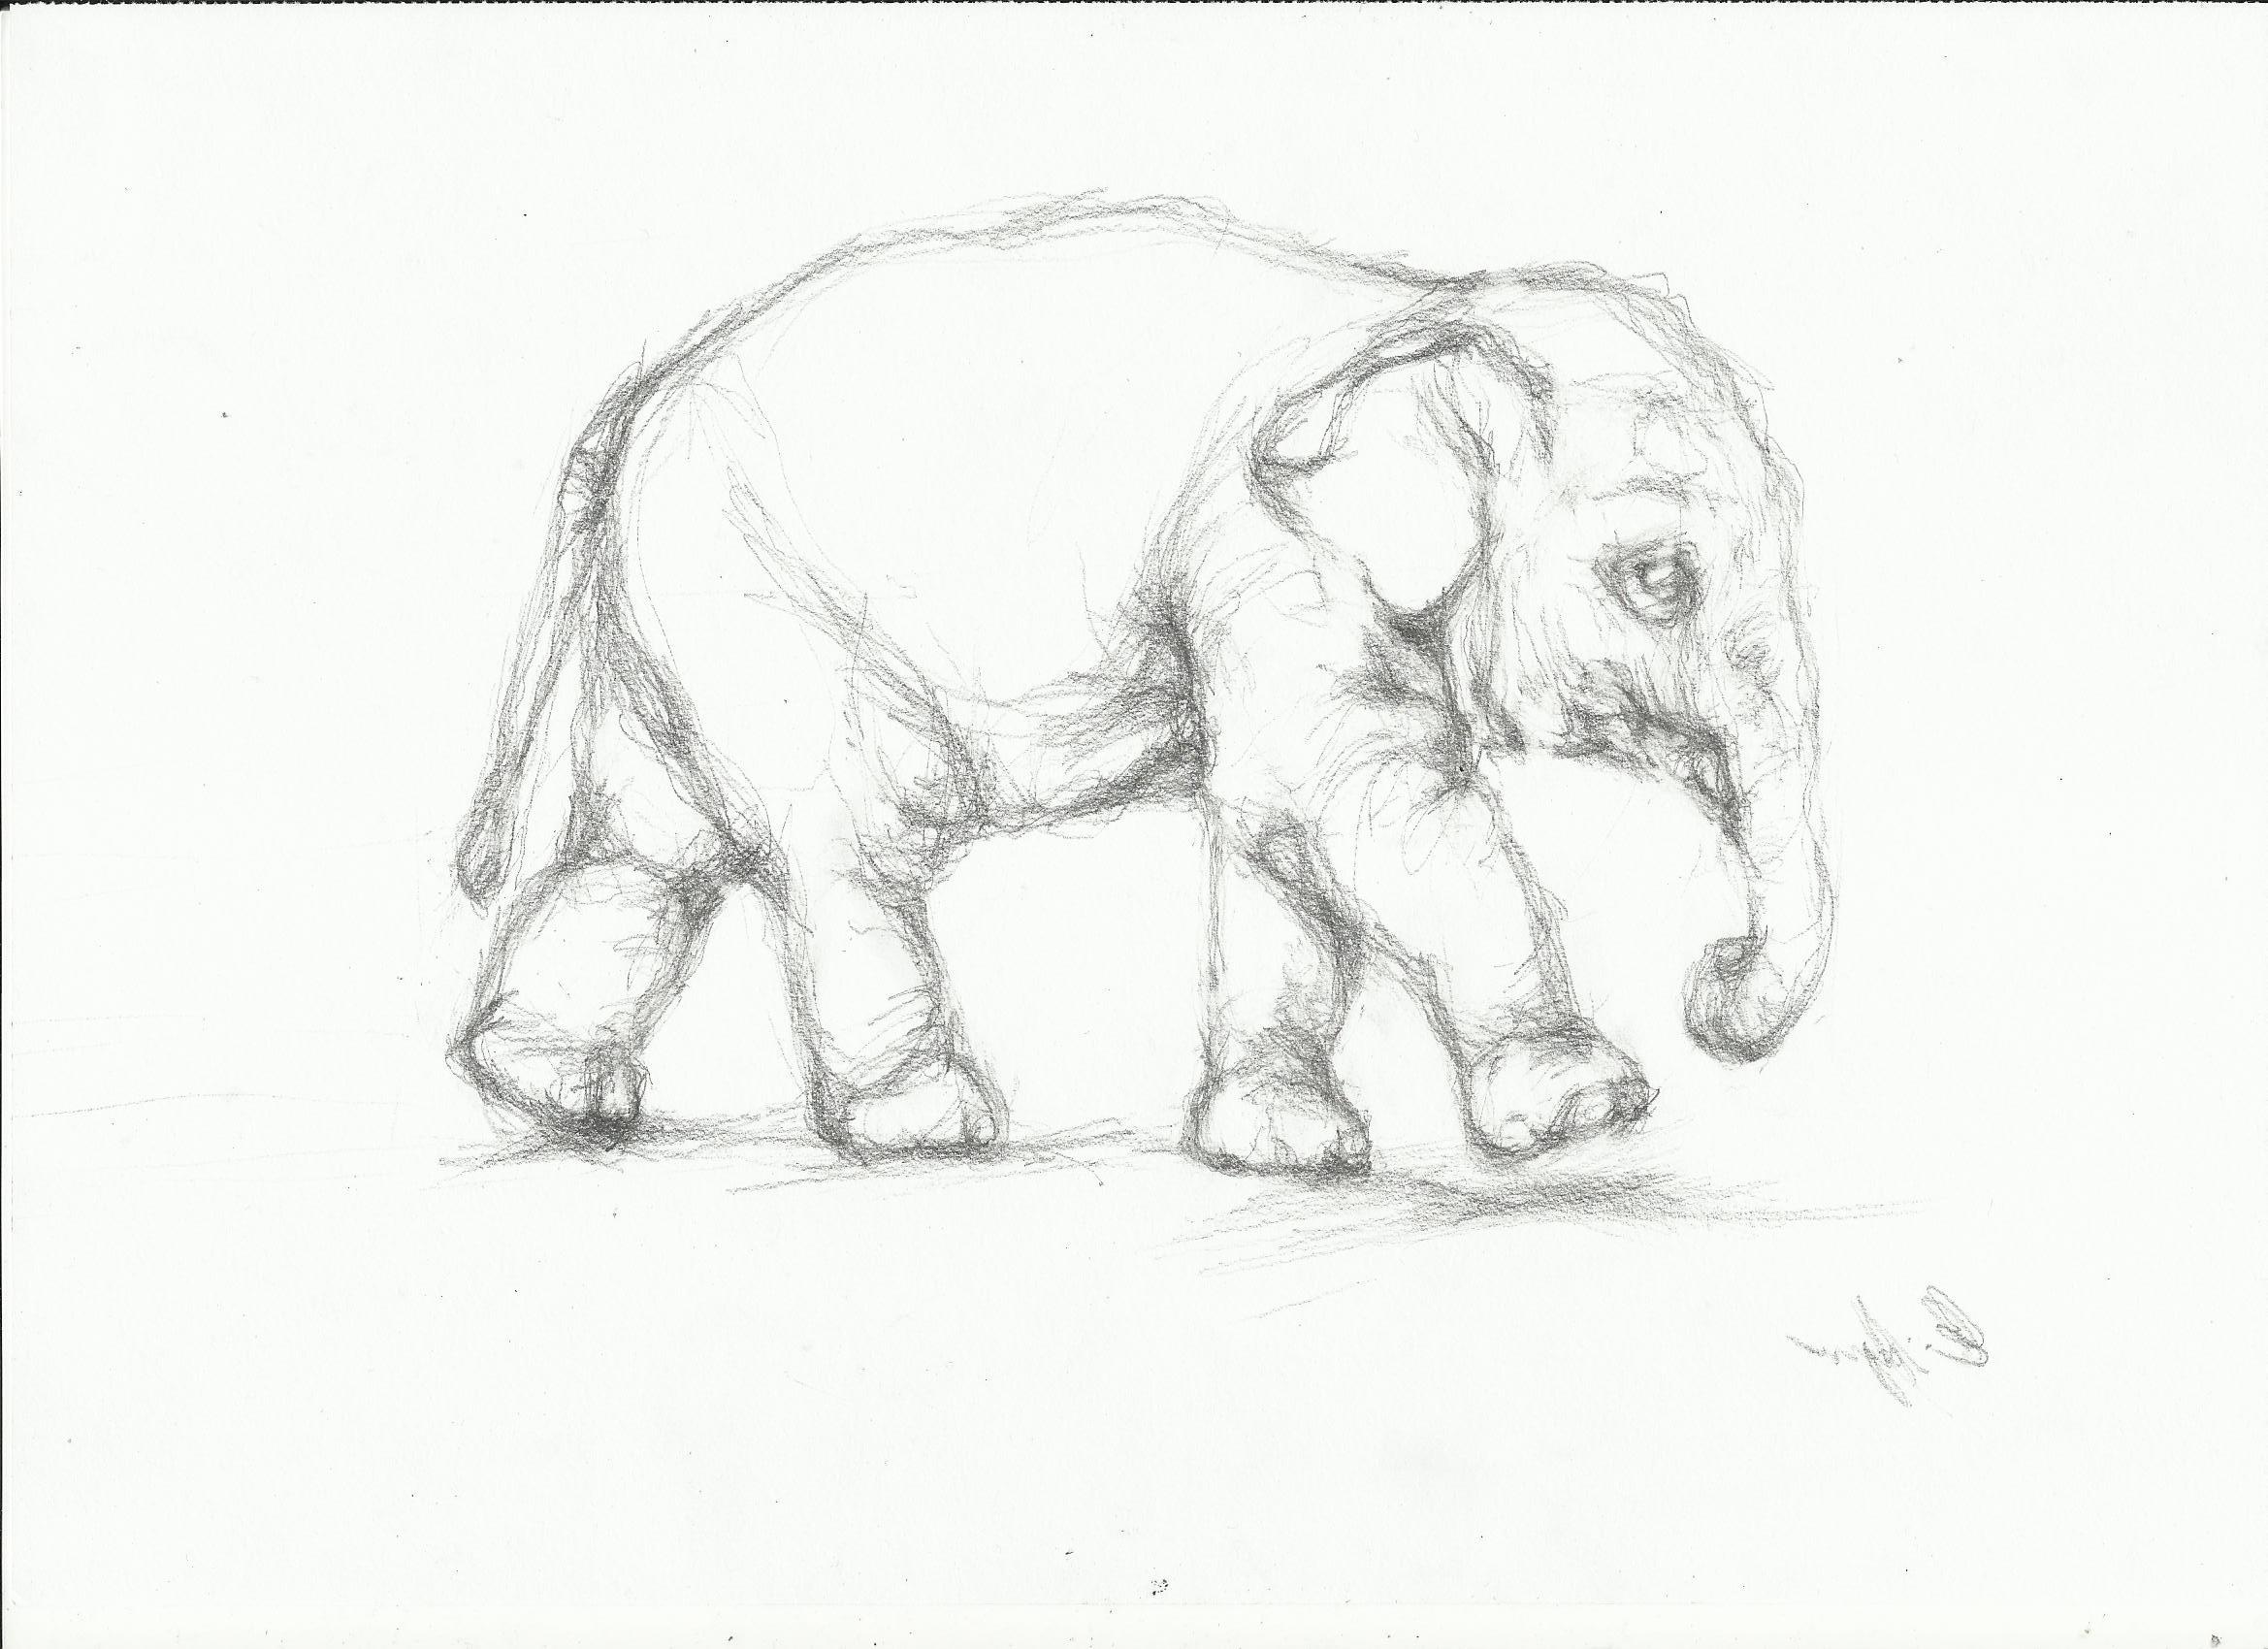 2338x1700 Photos Animals Pencil Sketch,